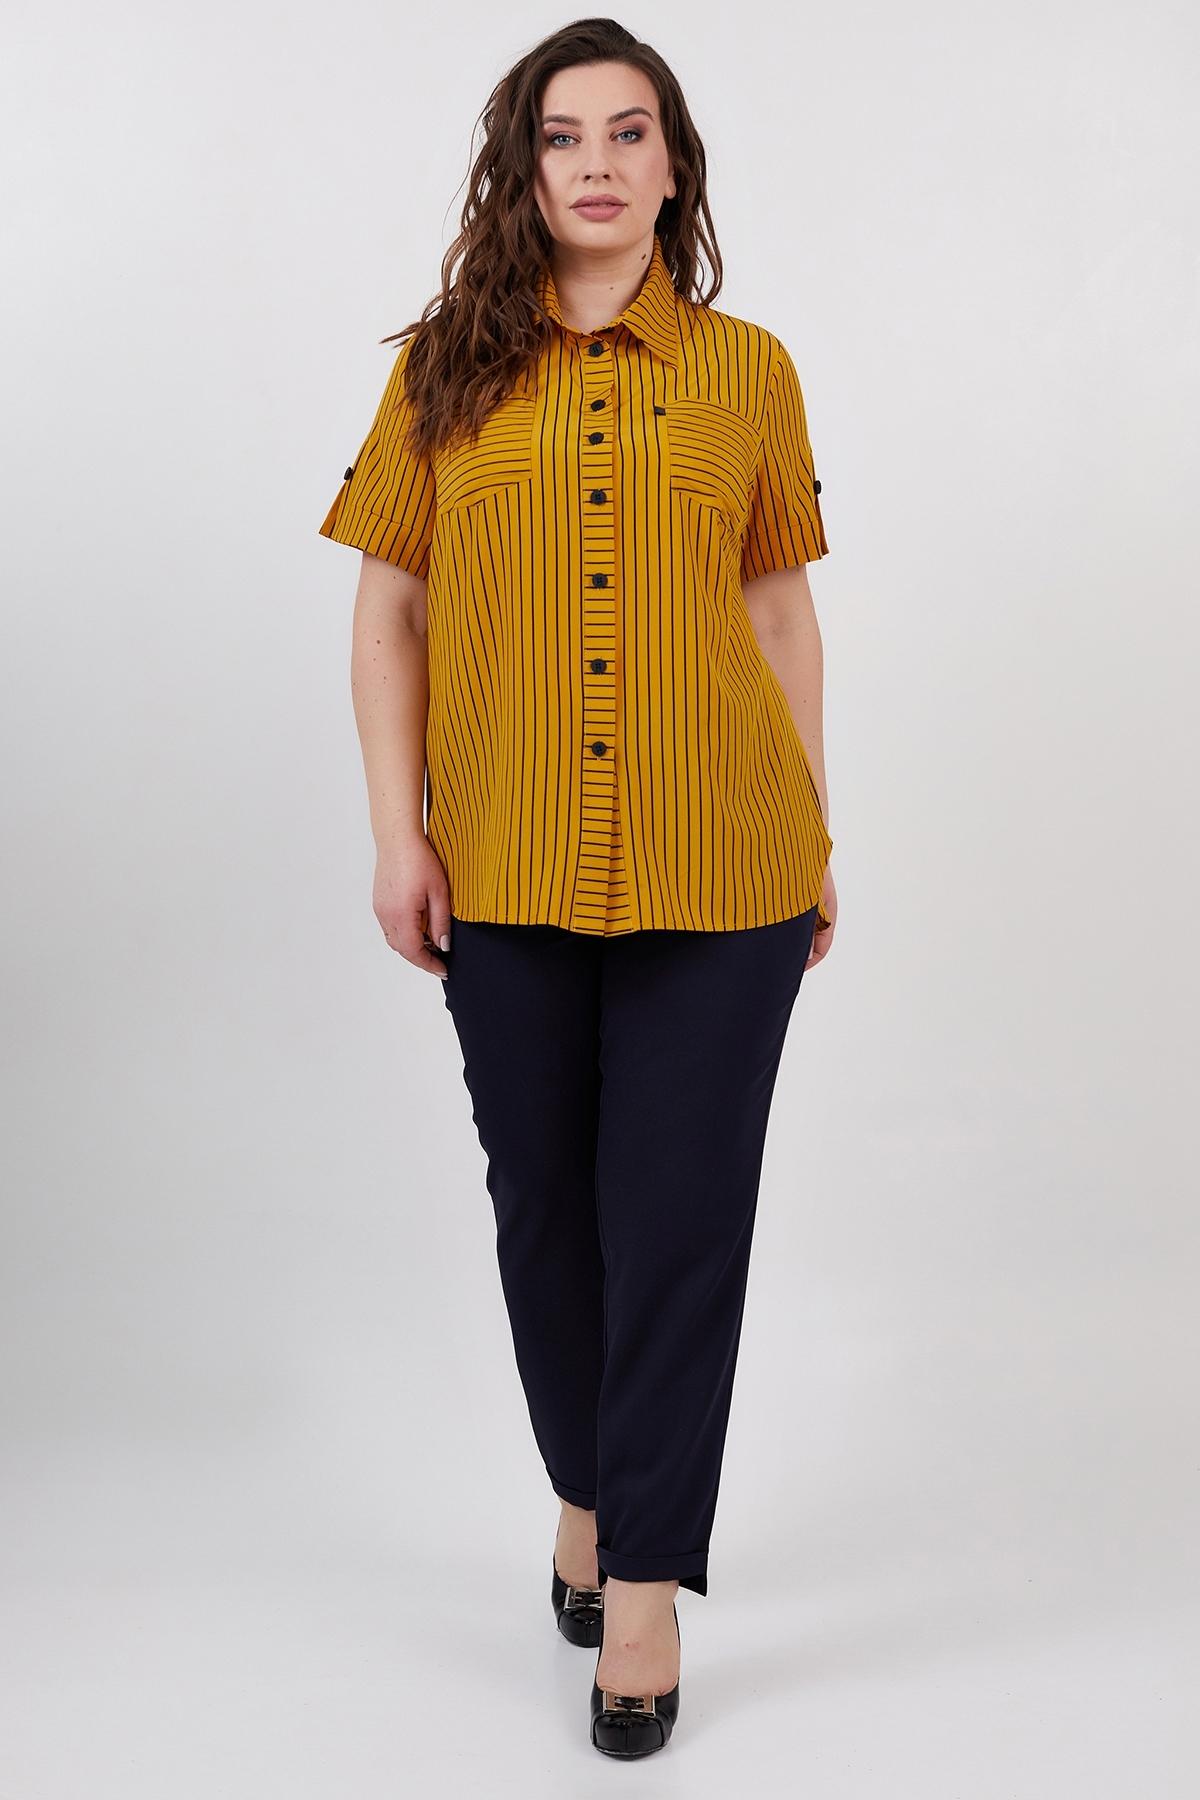 Рубашка Микелла (желтый)